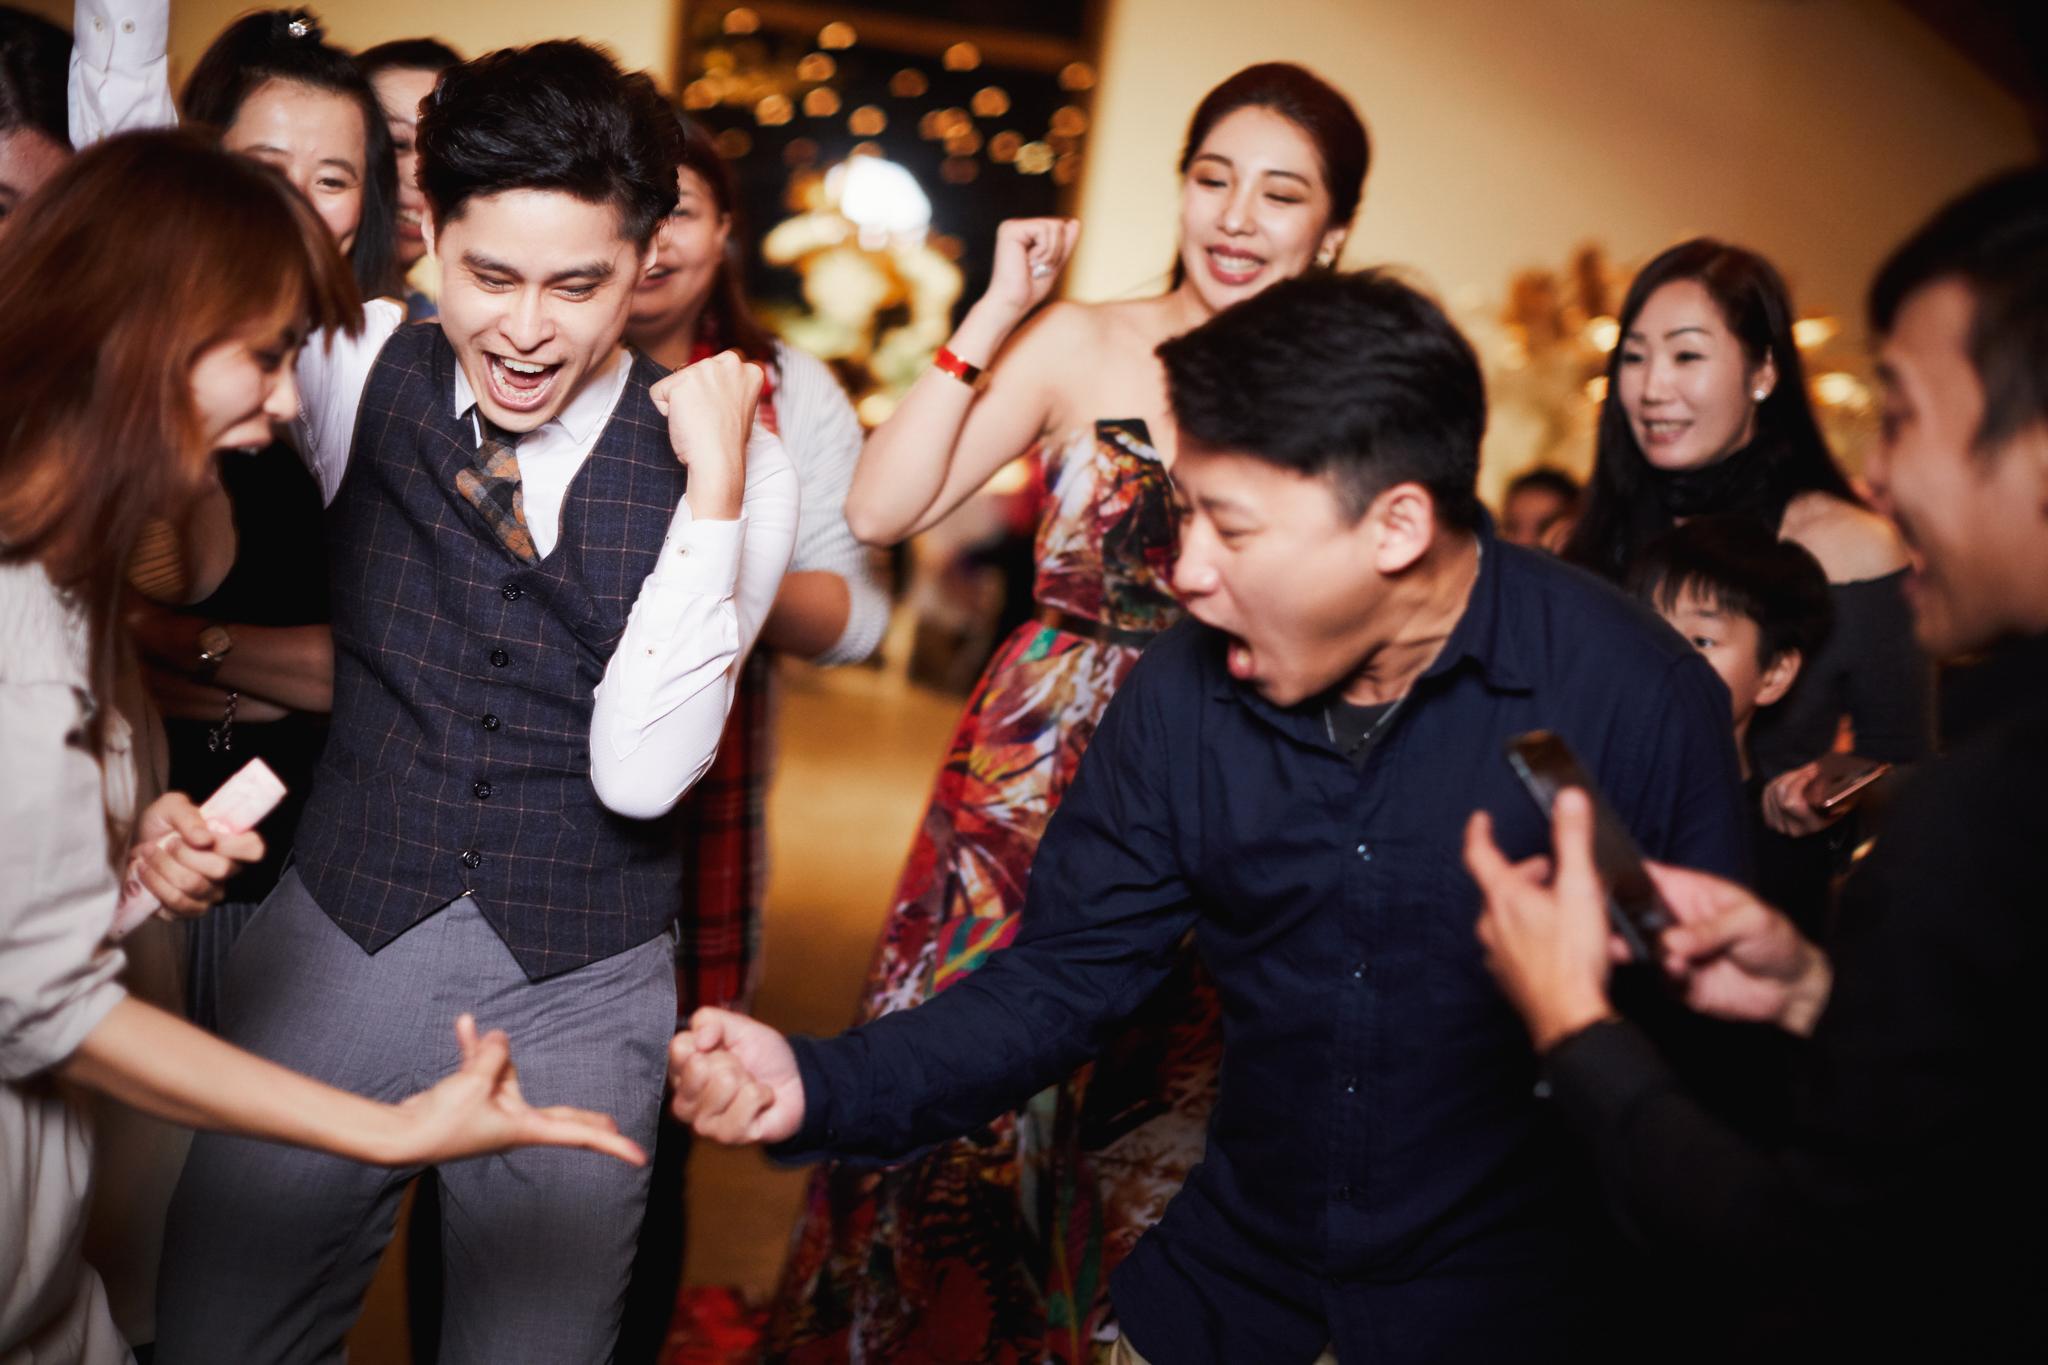 顏牧牧場婚禮, 婚攝推薦,台中婚攝,後院婚禮,戶外婚禮,美式婚禮-113